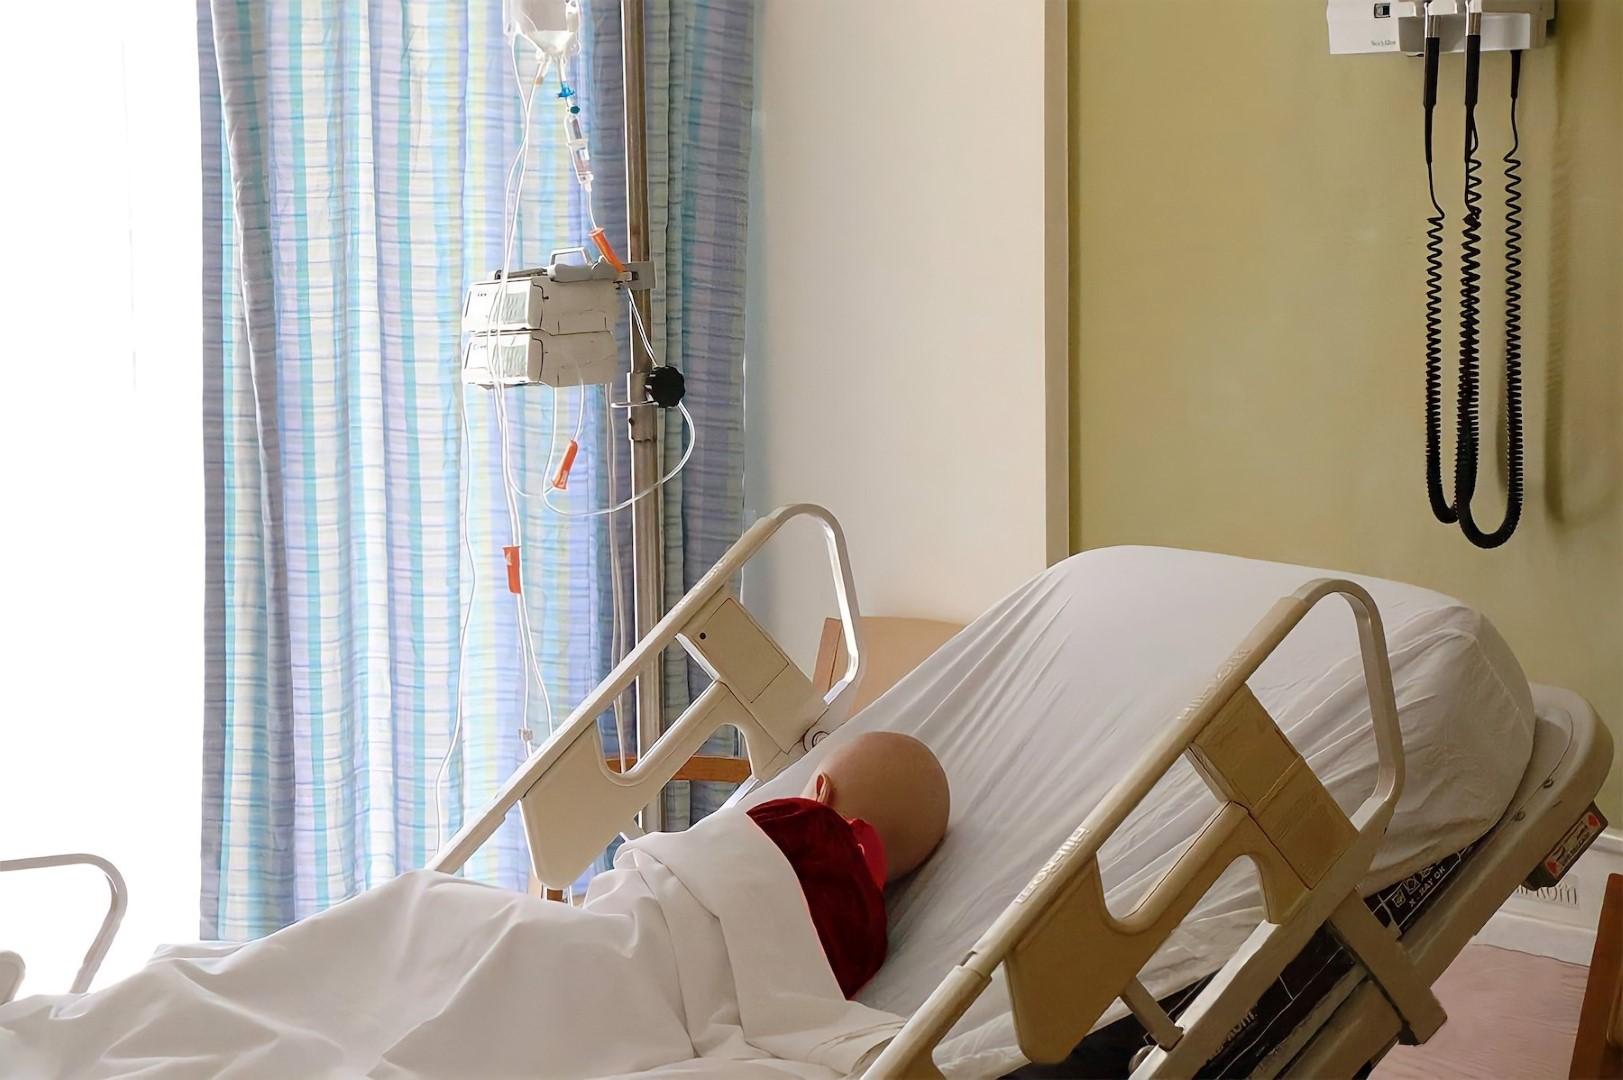 جواهر القاسمي توجه بإرسال أدوية بقيمة 6 ملايين درهم لدعم الأطفال مرضى السرطان في لبنان